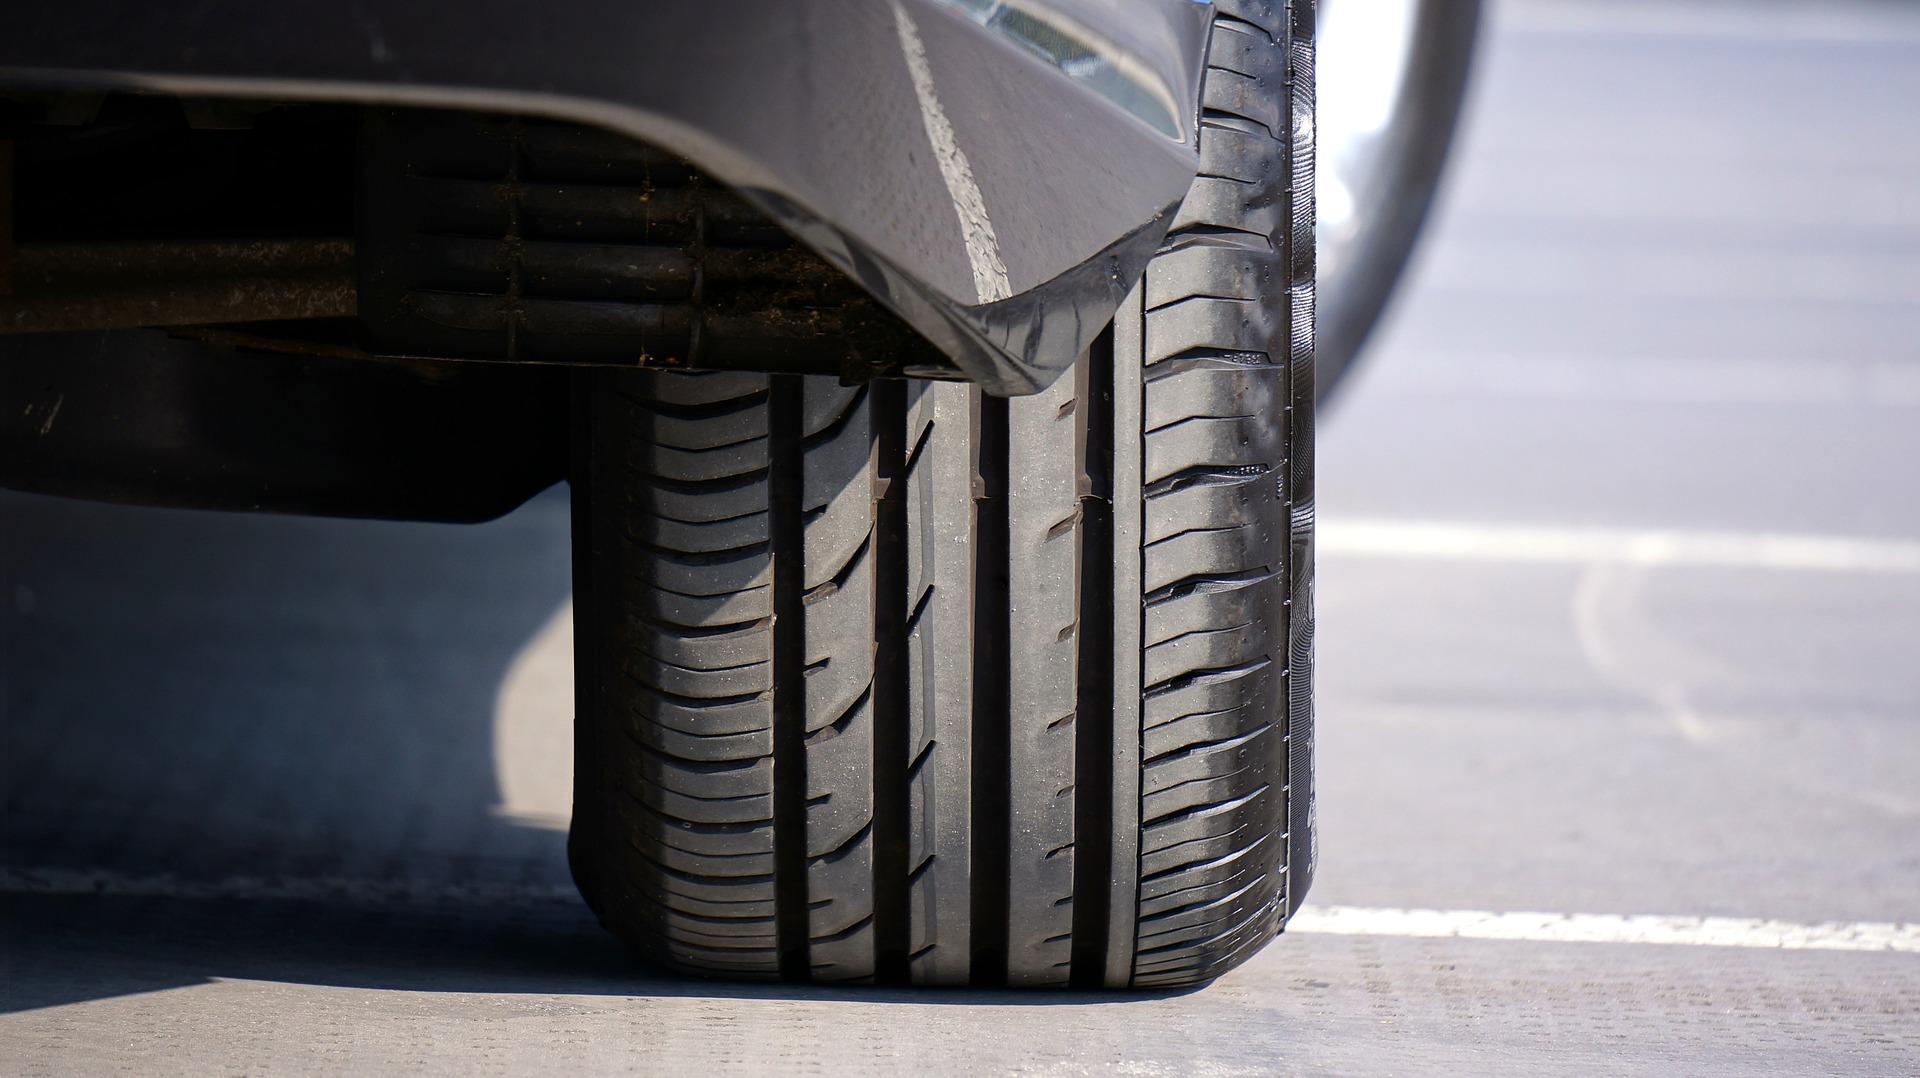 Quelles solutions en cas de crevaison d'un pneu ?